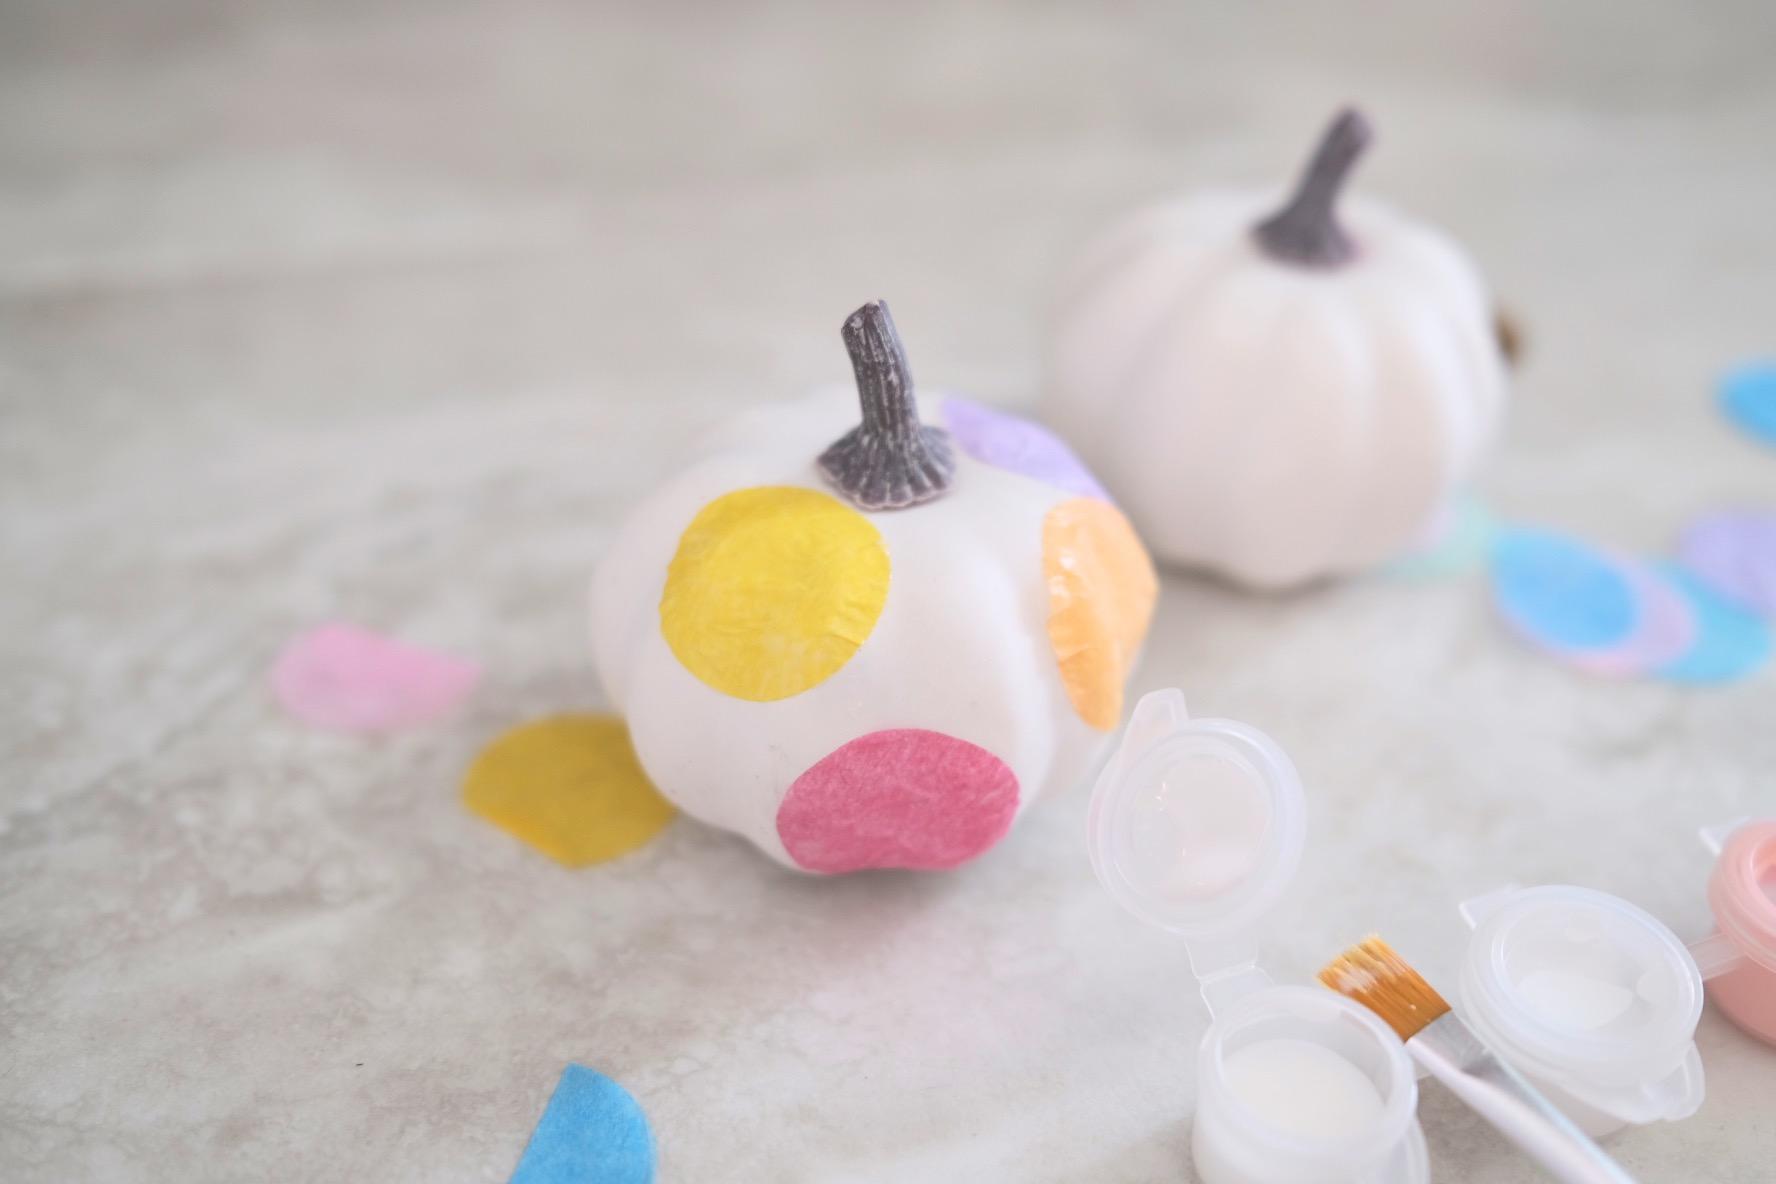 layer different colors of confetti to make confetti pumpkins